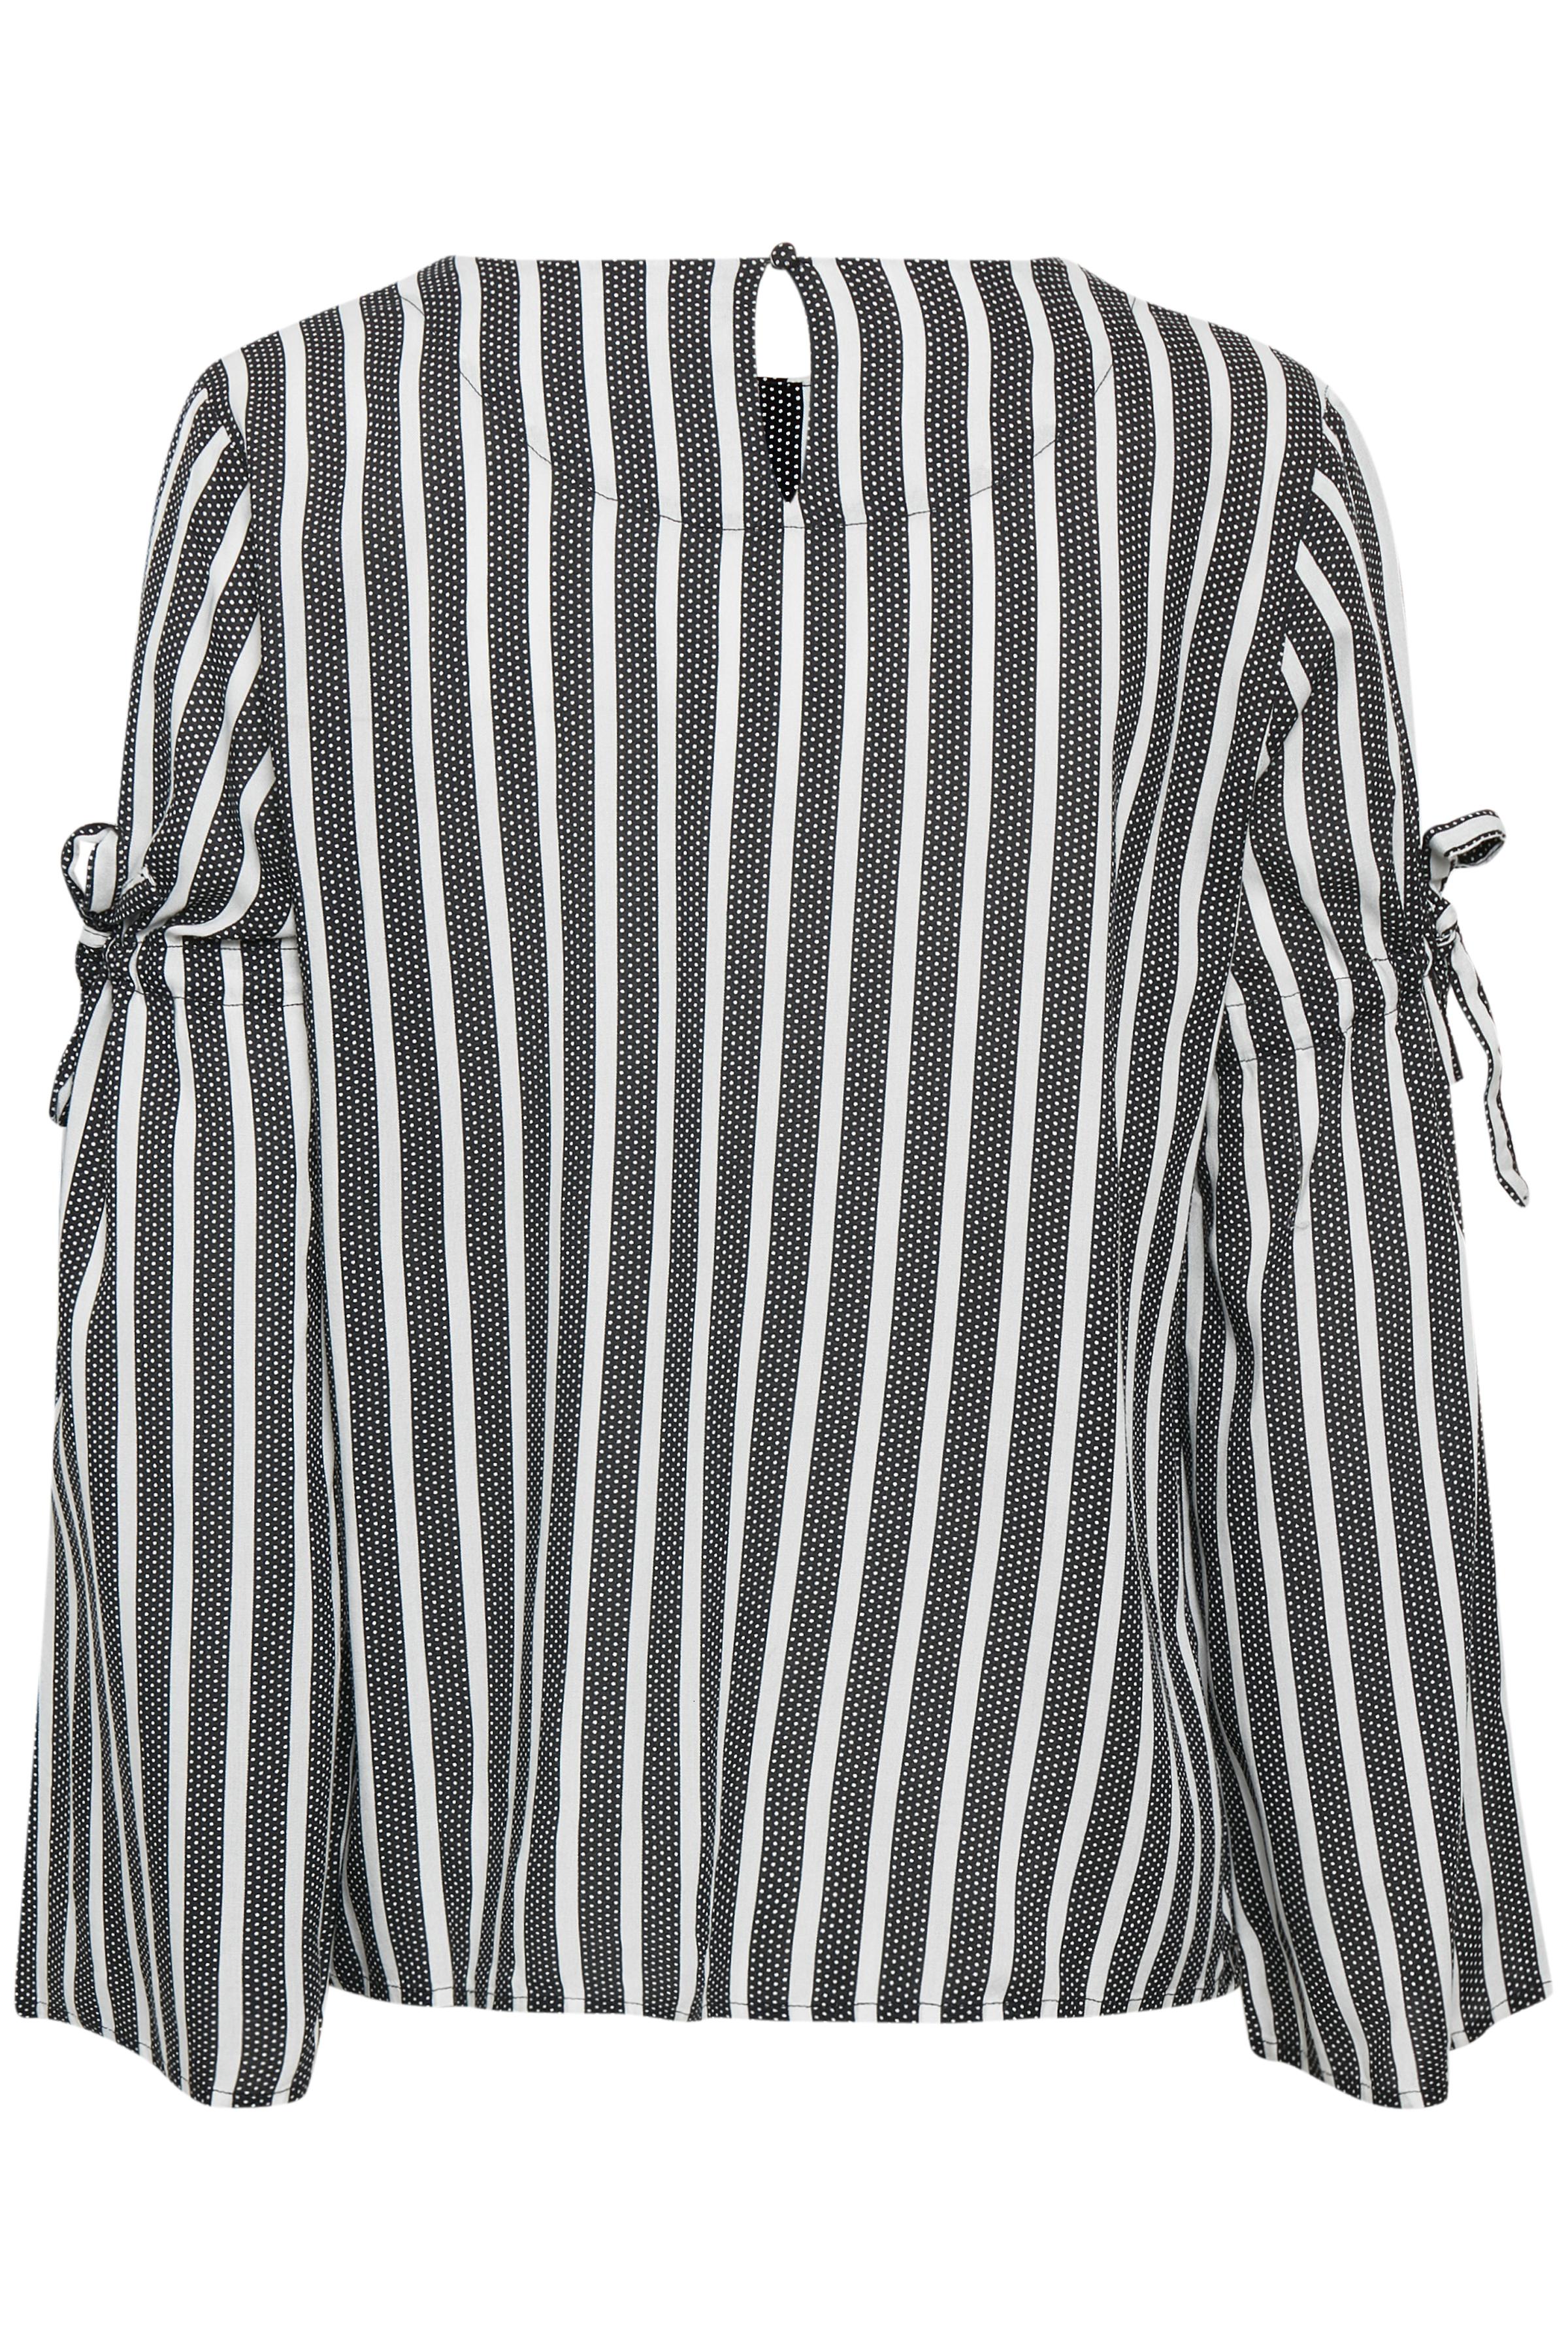 Zwart/wit Blouse met korte mouwen van Fransa – Door Zwart/wit Blouse met korte mouwen van maat. XS-XXL hier